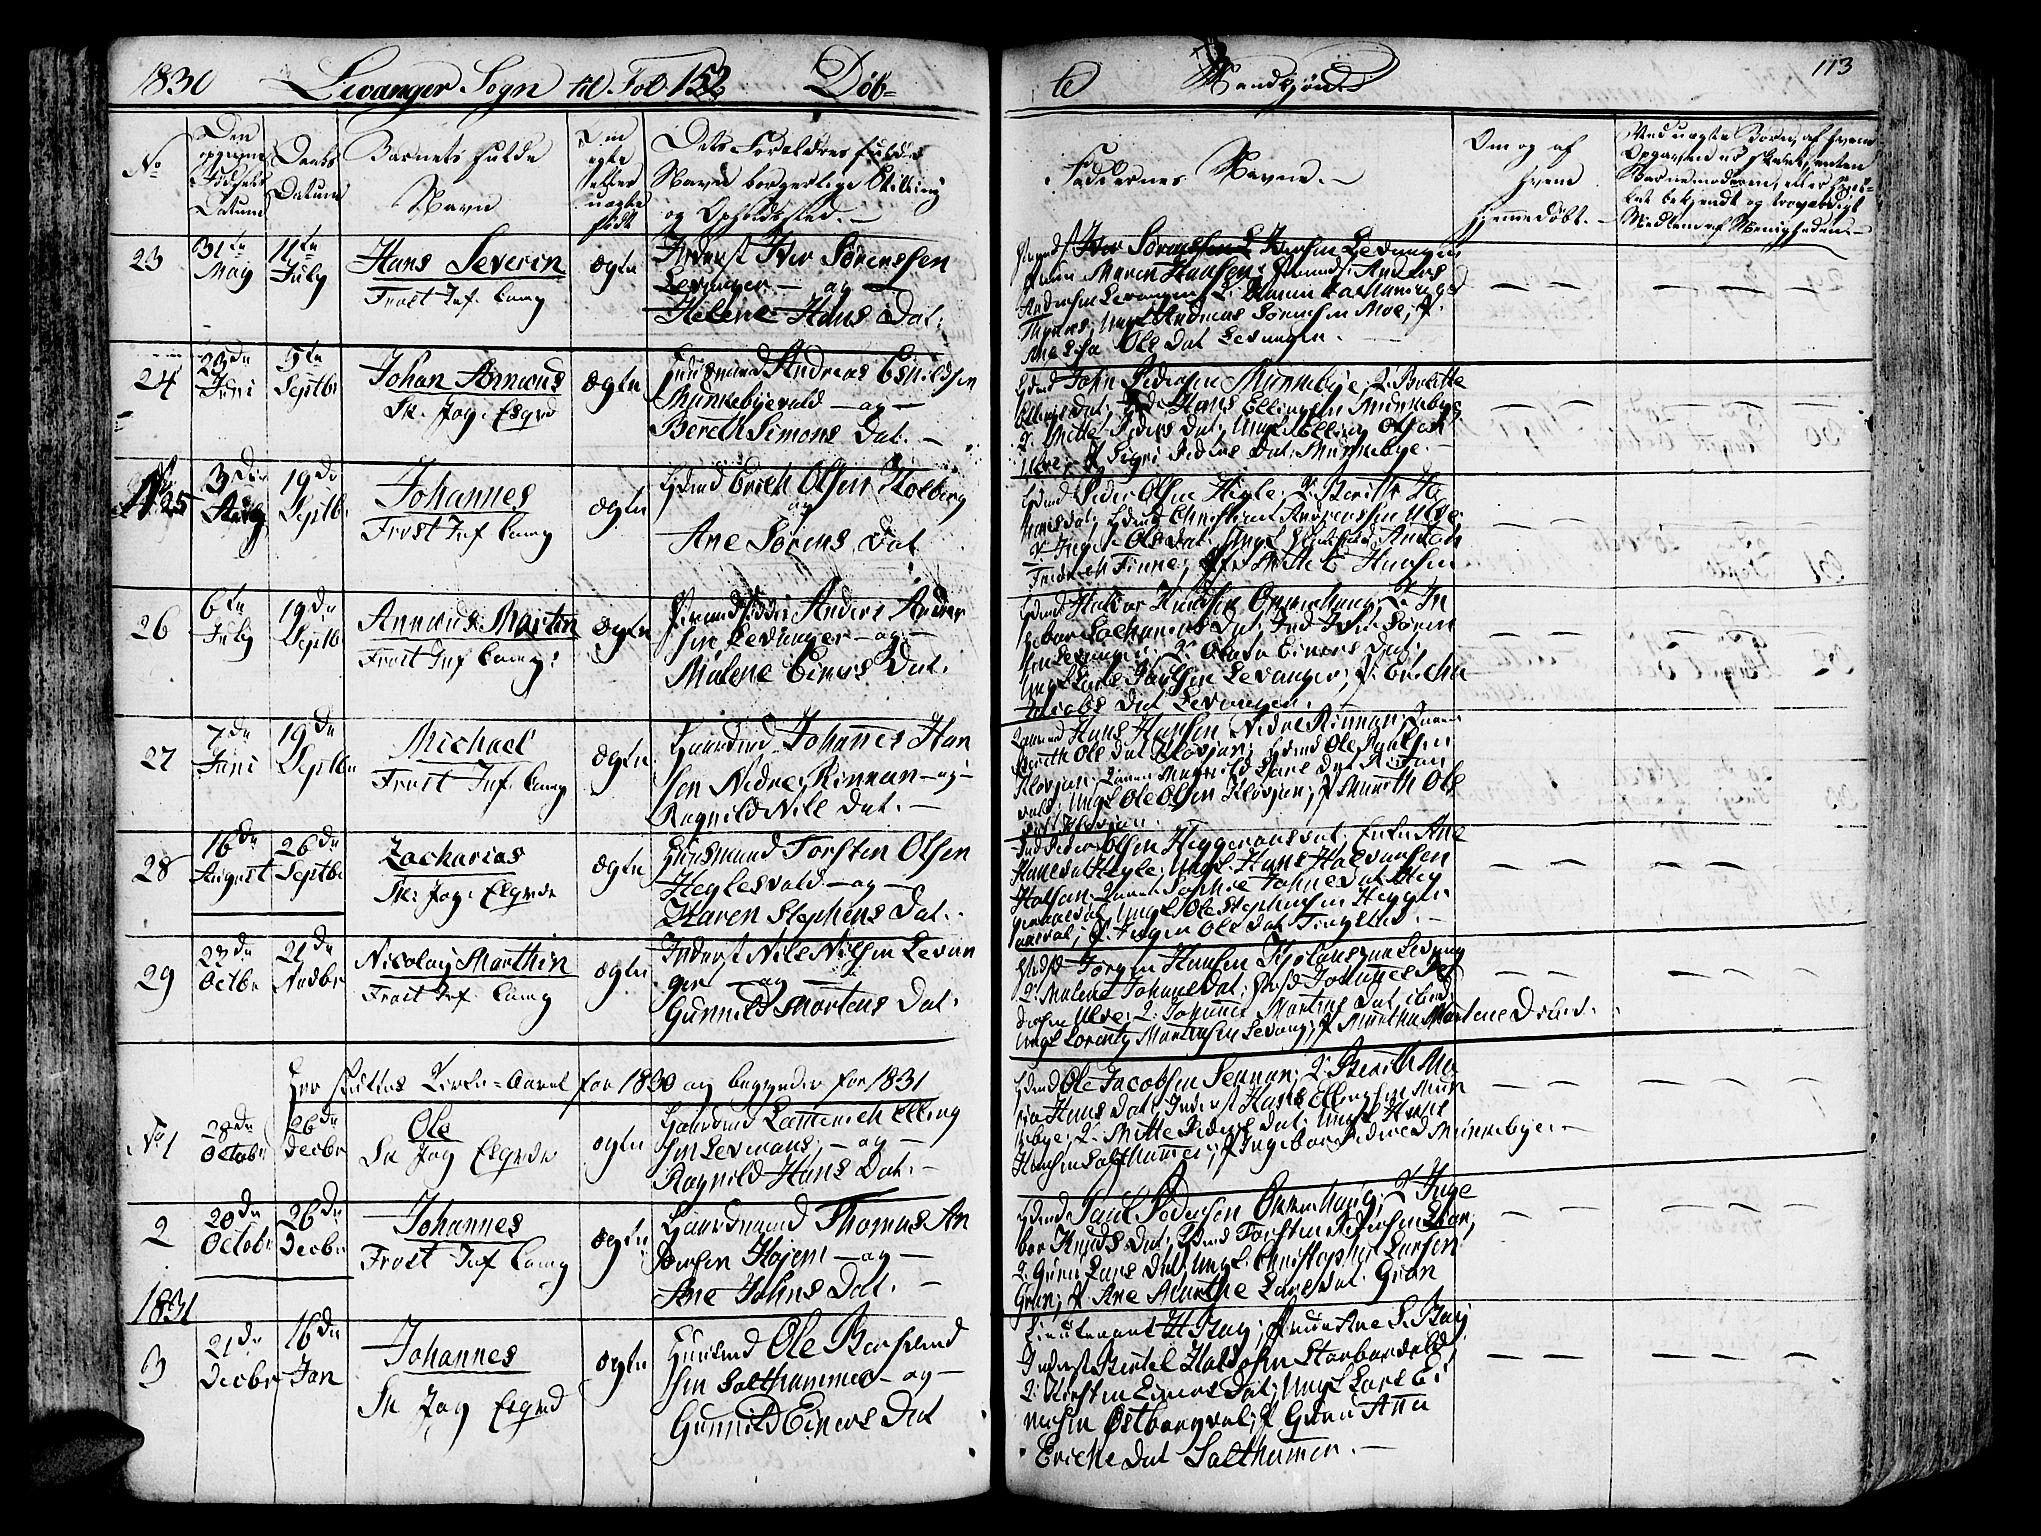 SAT, Ministerialprotokoller, klokkerbøker og fødselsregistre - Nord-Trøndelag, 717/L0152: Ministerialbok nr. 717A05 /3, 1828-1836, s. 113